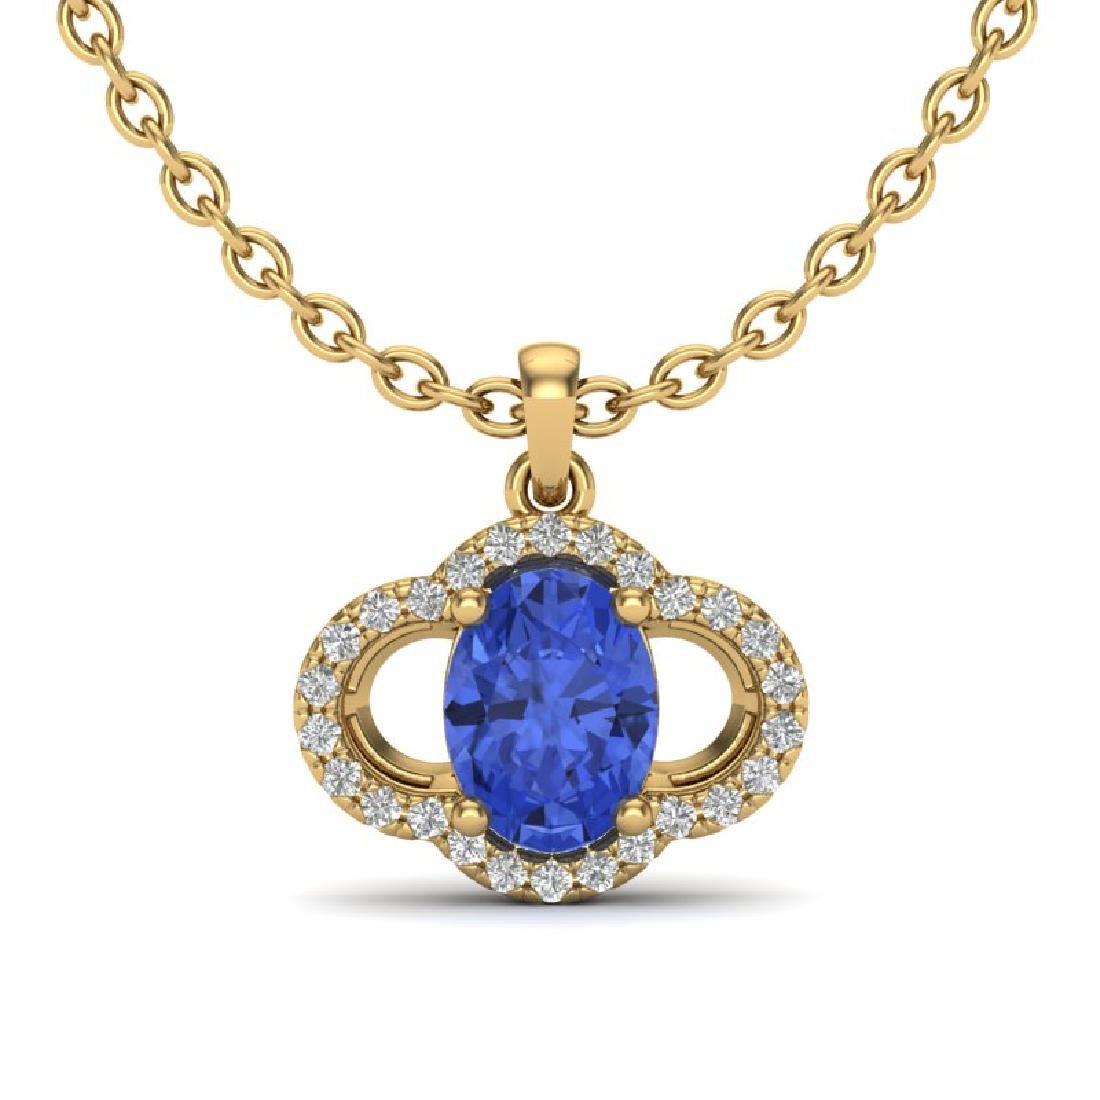 1.75 CTW Tanzanite & Micro Pave VS/SI Diamond Necklace